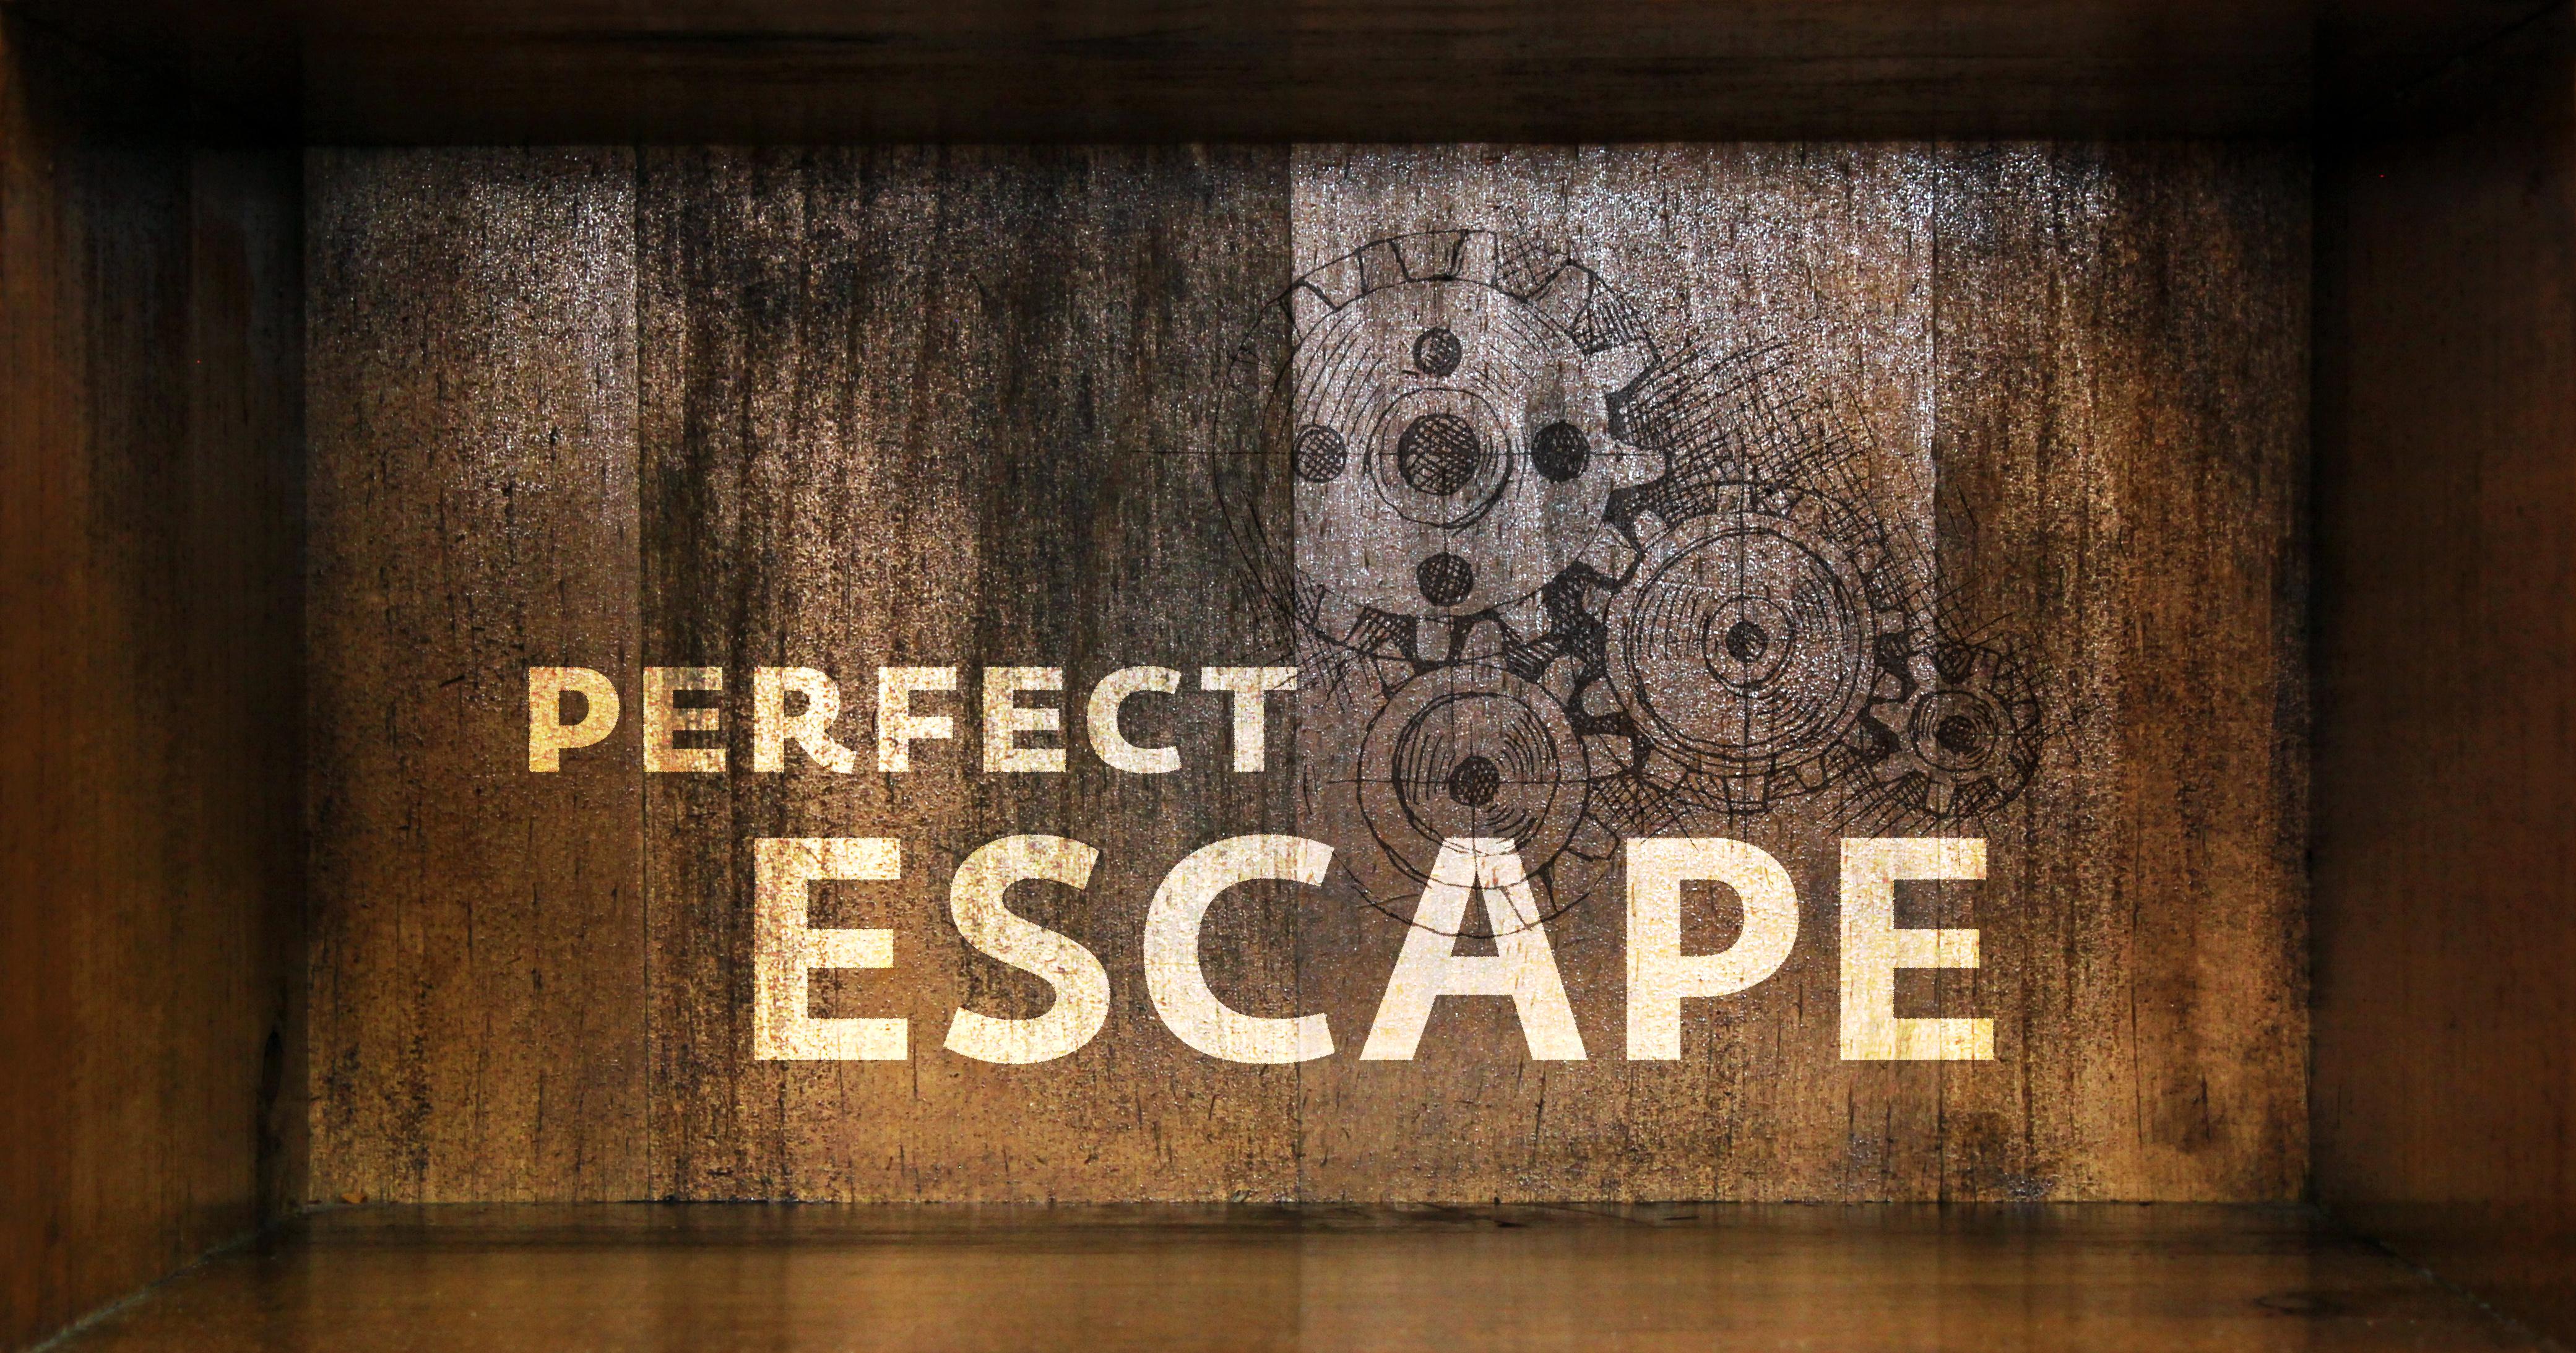 Perfect escape room escape game in ski for Escape room escape